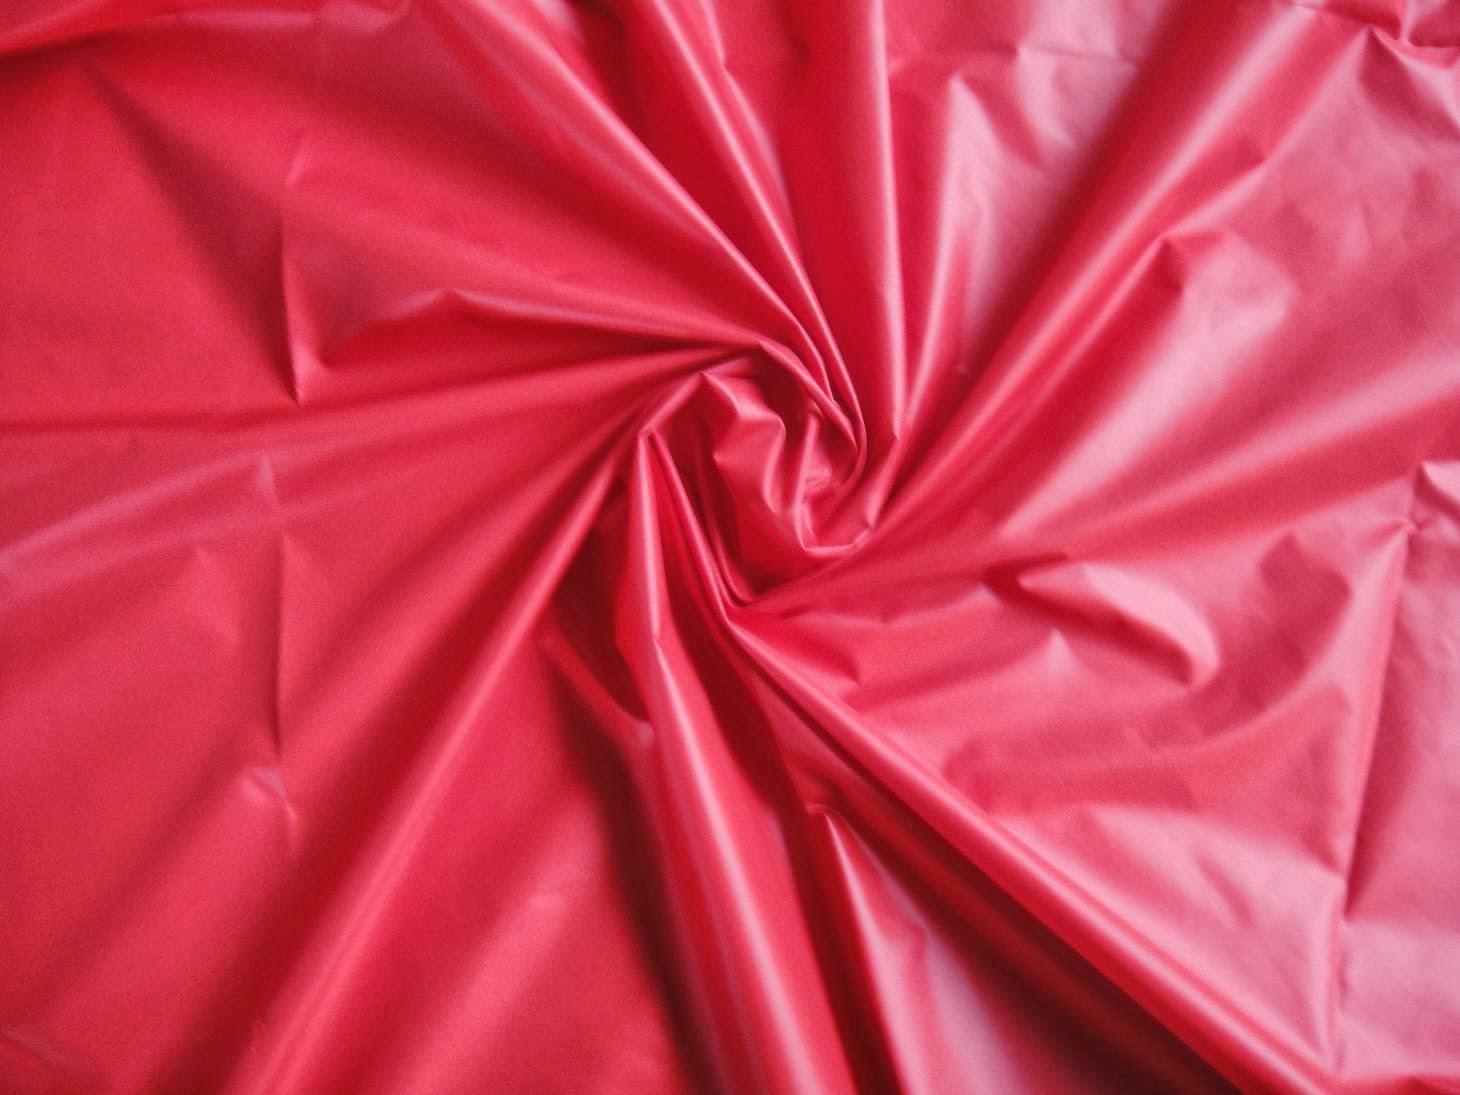 Loại chất liệu nào phù hợp để may áo khoác gió?